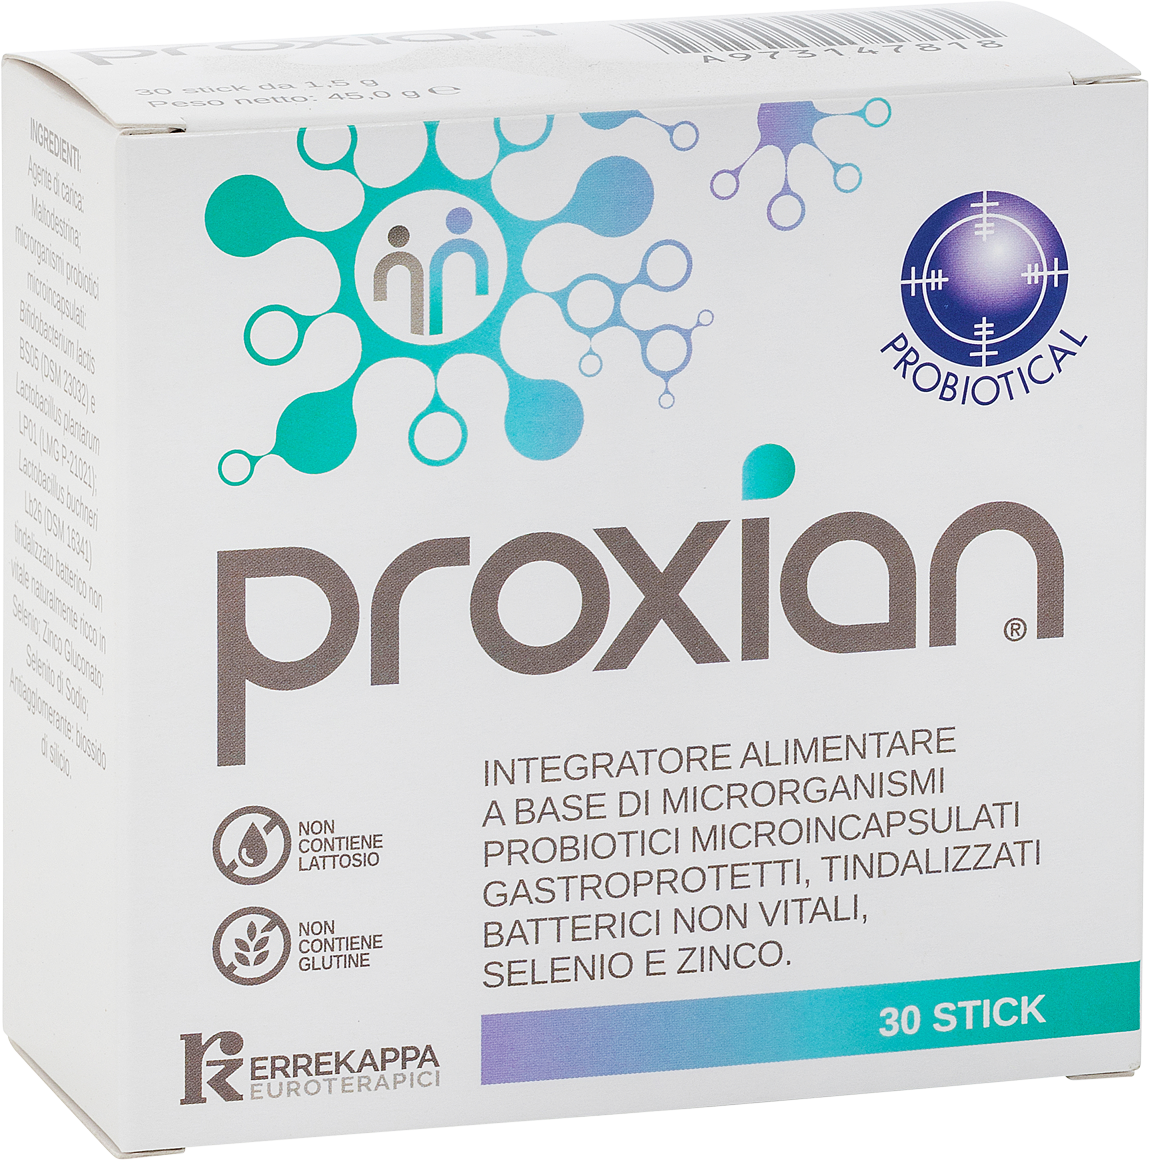 Proxian